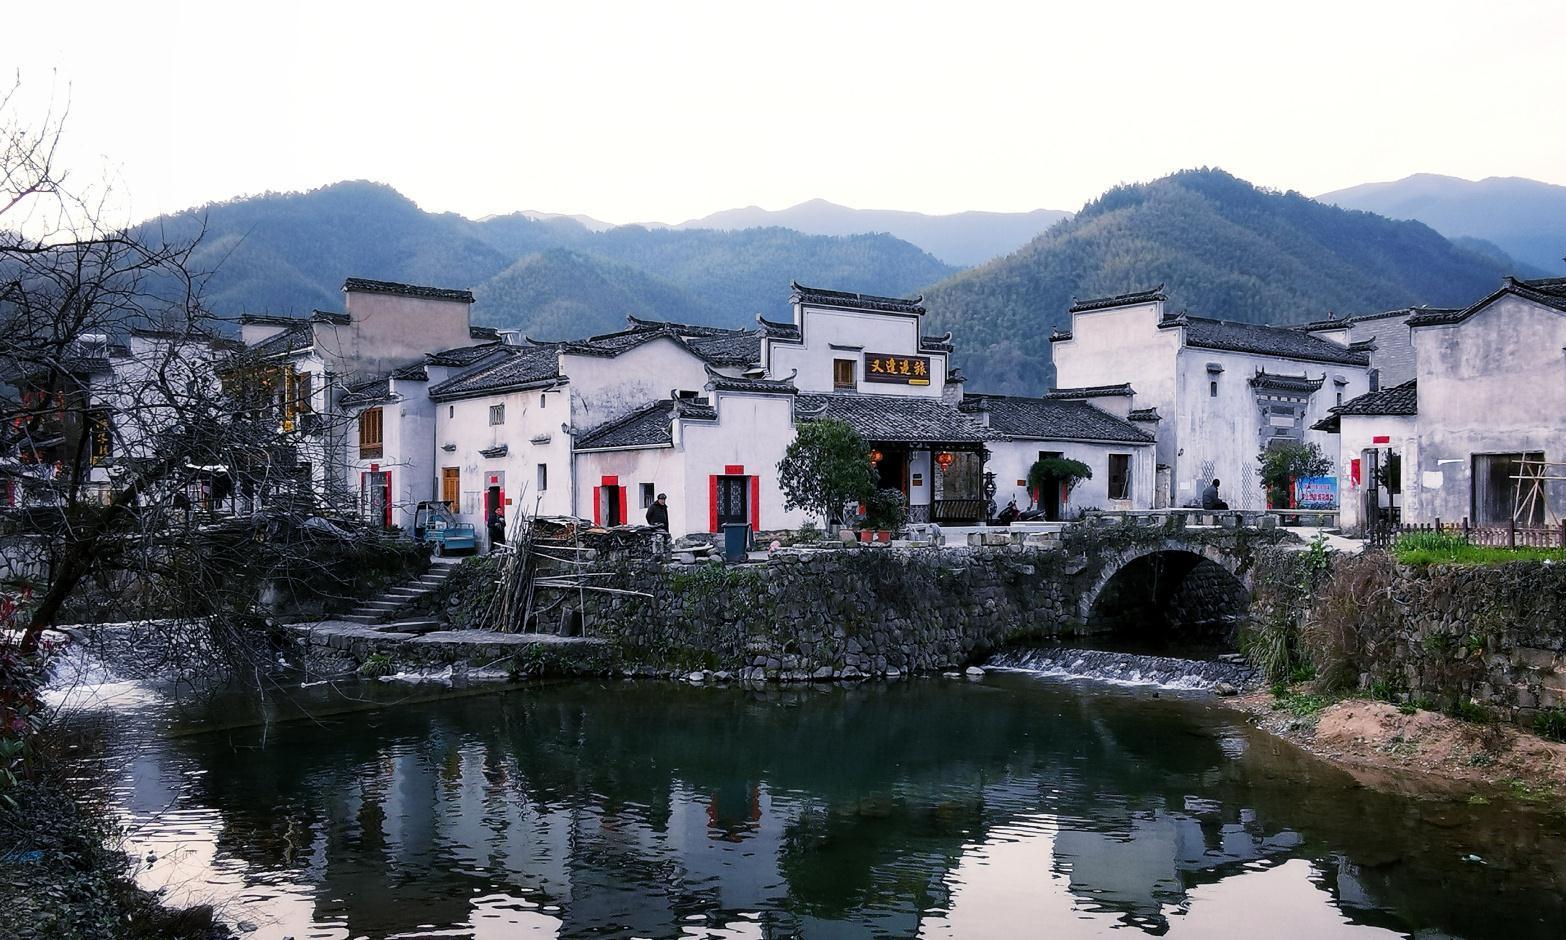 """安徽黄山下这个古村,拥有""""徽州第一木雕楼"""",不是西递、宏村"""